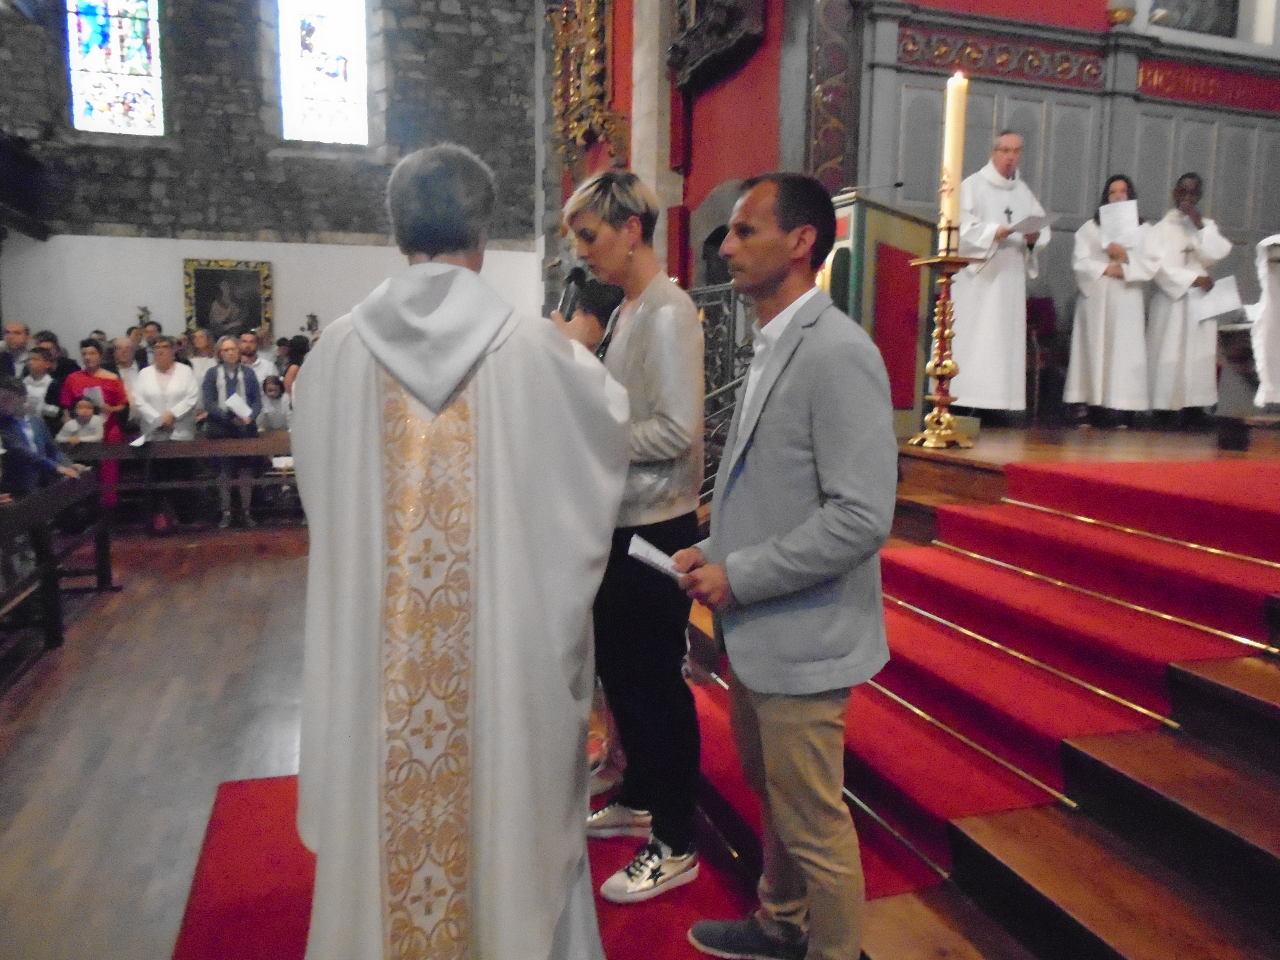 En Français, en Basque et en Espagnol, trois parents accueillent l'assemblée